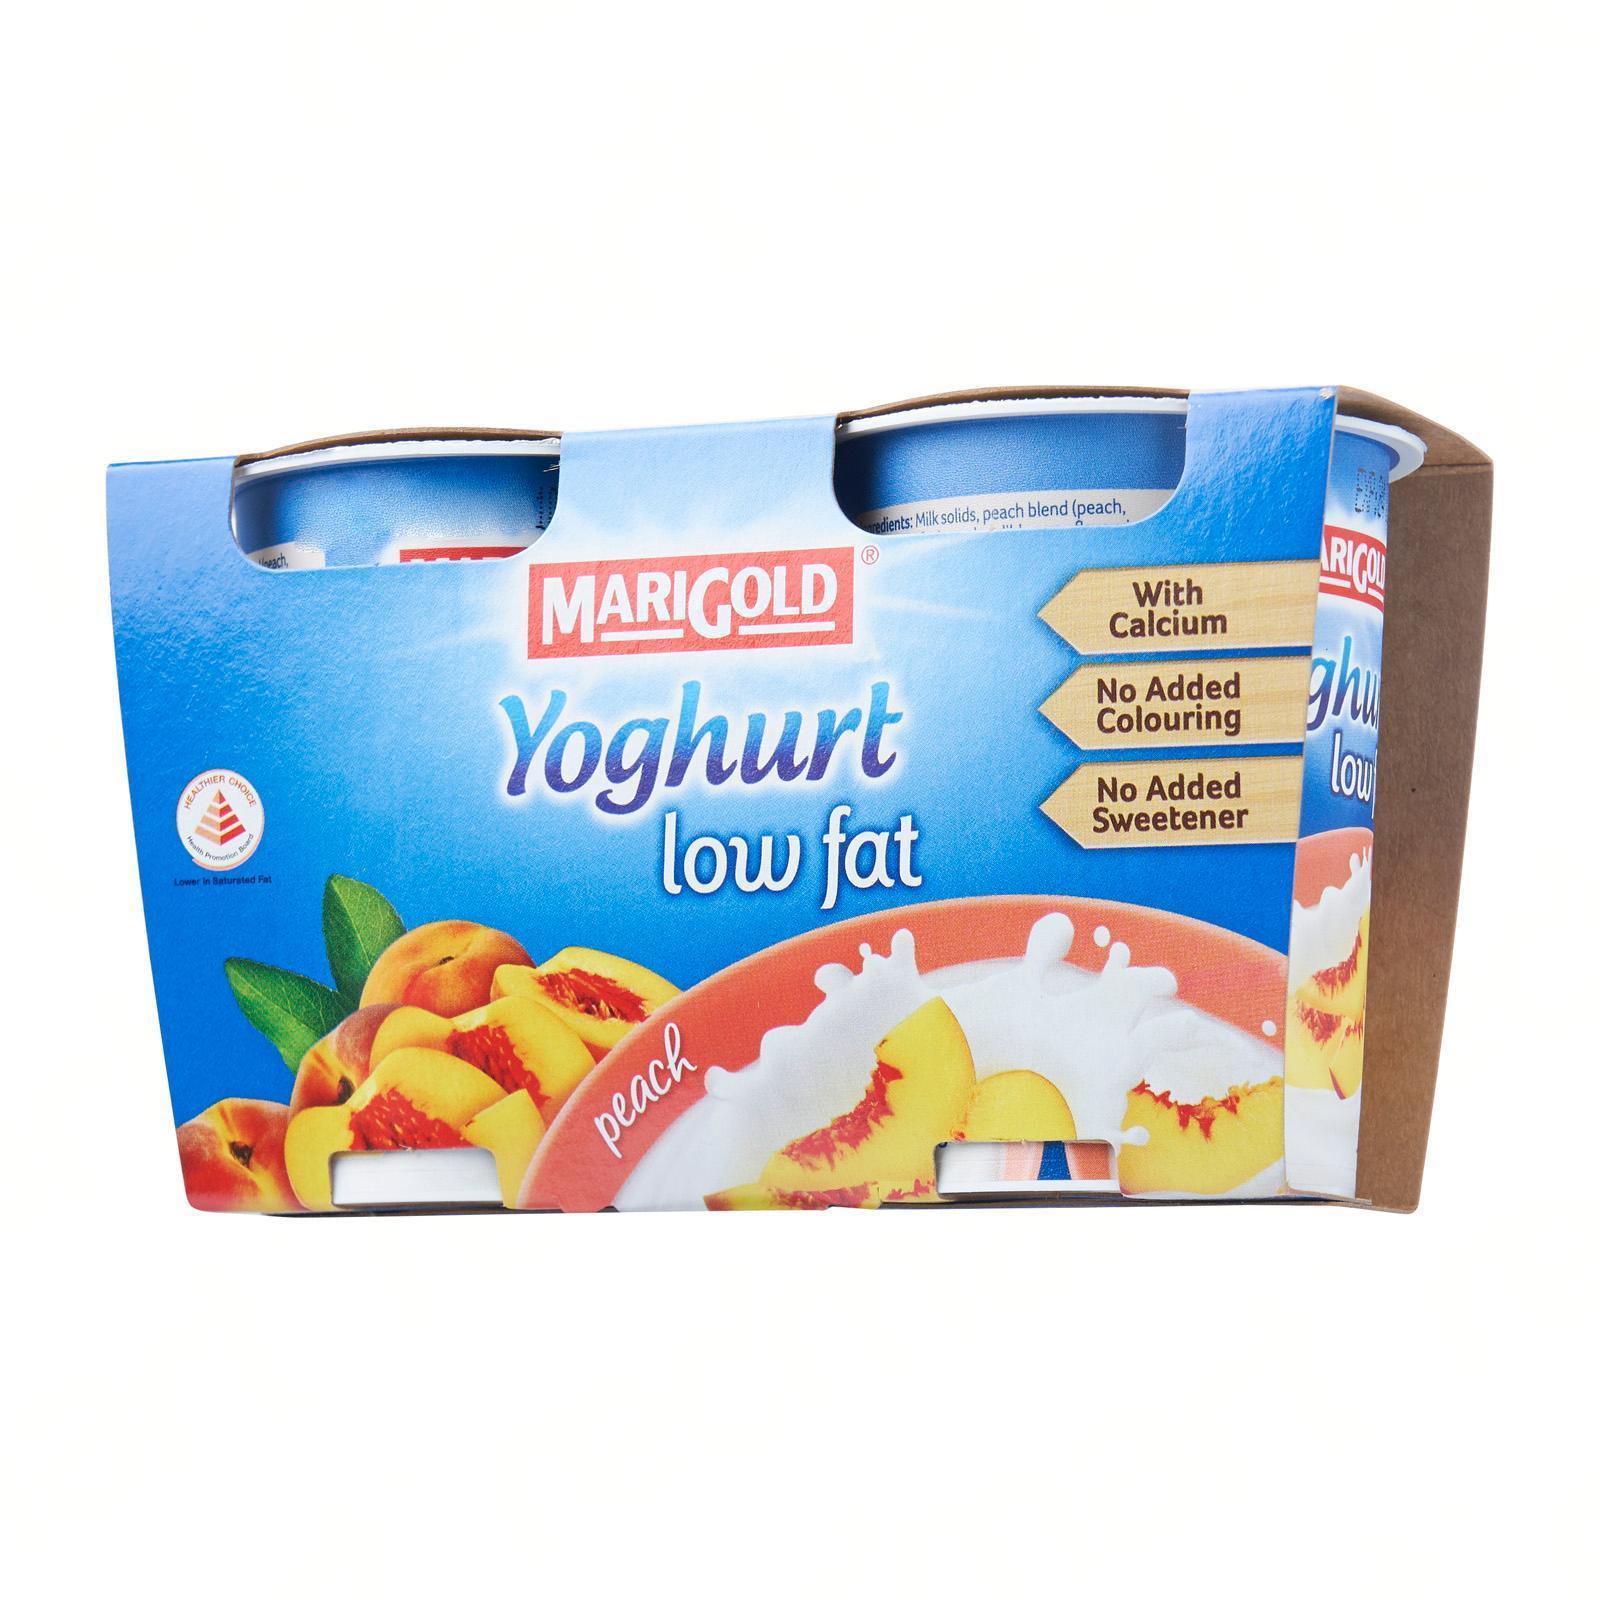 MARIGOLD Low Fat Cup Yoghurt - Peach